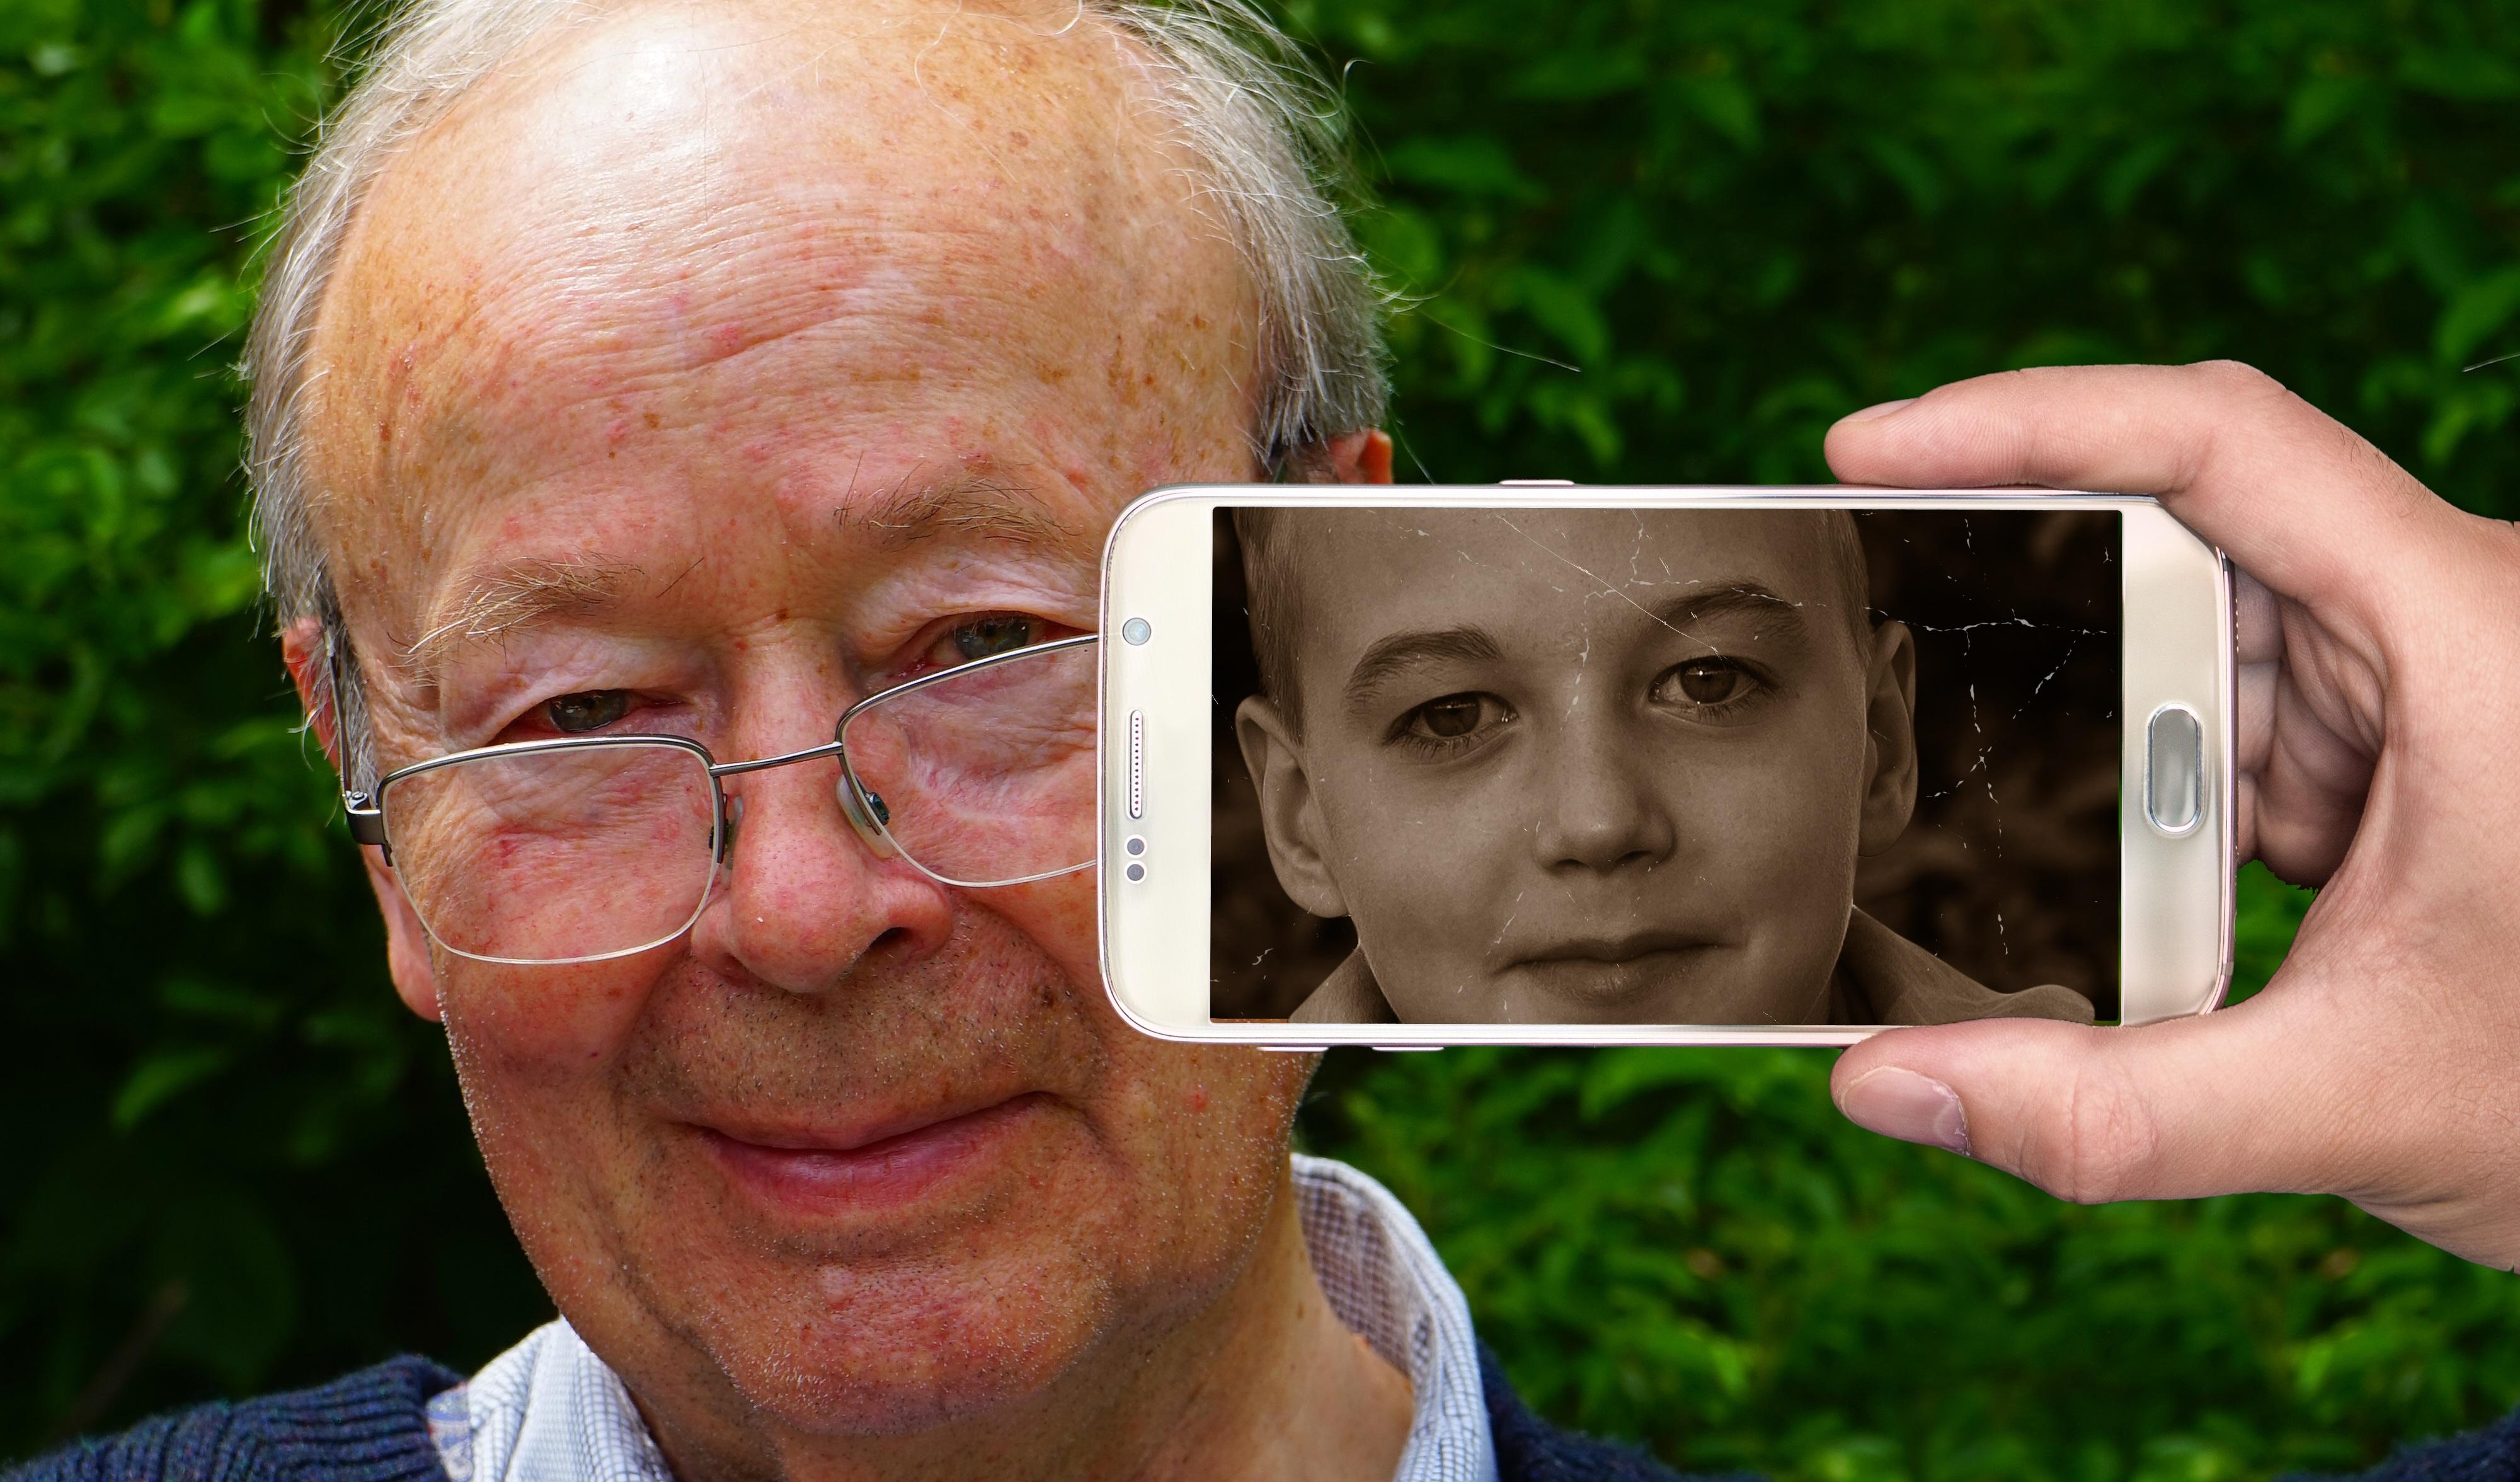 """Résultat de recherche d'images pour """"smartphone senior"""""""